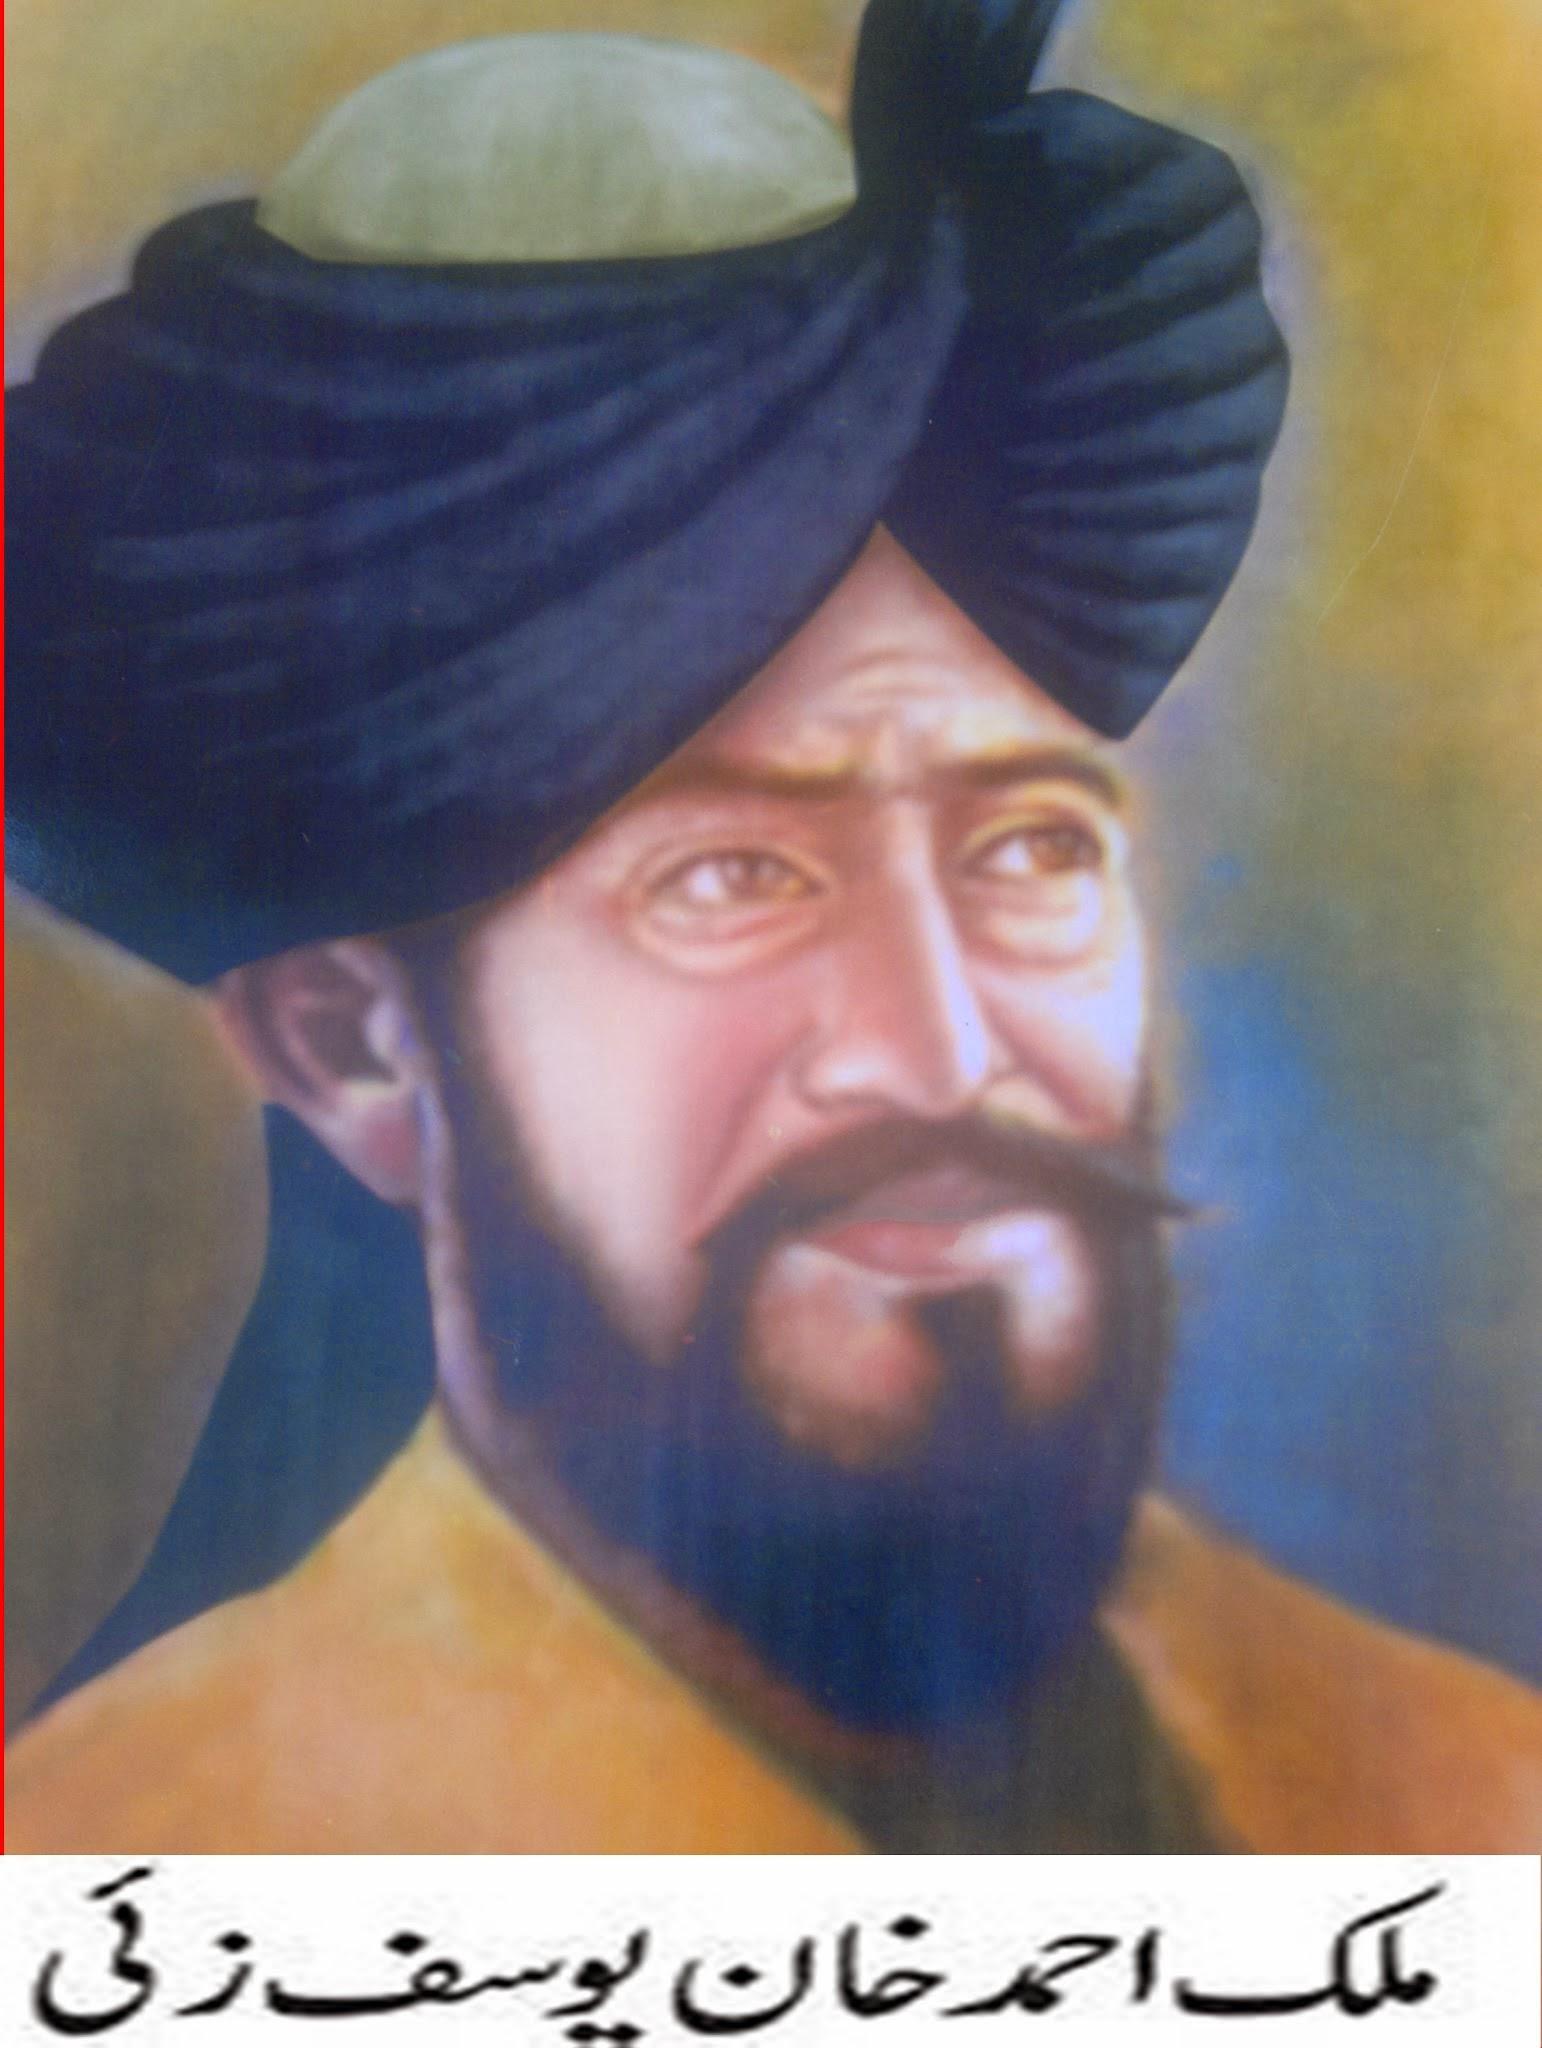 دنیا کے کم عمر قومی سربراہ جرنیل ملک احمد خان، یوسف زیٔ قبیلہ کے سربراہ ملک شیر زمان شاہ کے بھتیجے تھے۔ اللہ بخش یوسفی کہتے ہیں کہ ملک احمد خان 1530ء کے آس پاس وفات پاگئے ہیں، لیکن فہیم سرحدی جنہوں نے بڑی تعداد میں کتابوں کا مطالعہ کیا ہے اور اپنی بصیرت سے بھی کام لیا ہے، اپنے غیر مطبوعہ کتاب ''روسیوں کے سفیر'' میں لکھا ہے کہ ملک احمد خان 1470ء کو پیدا ہوئے تھے اور 1515ء میں ان کی حکمرانی میں یوسف زیٔ قبیلہ سوات میں آباد ہوگیا تھا۔